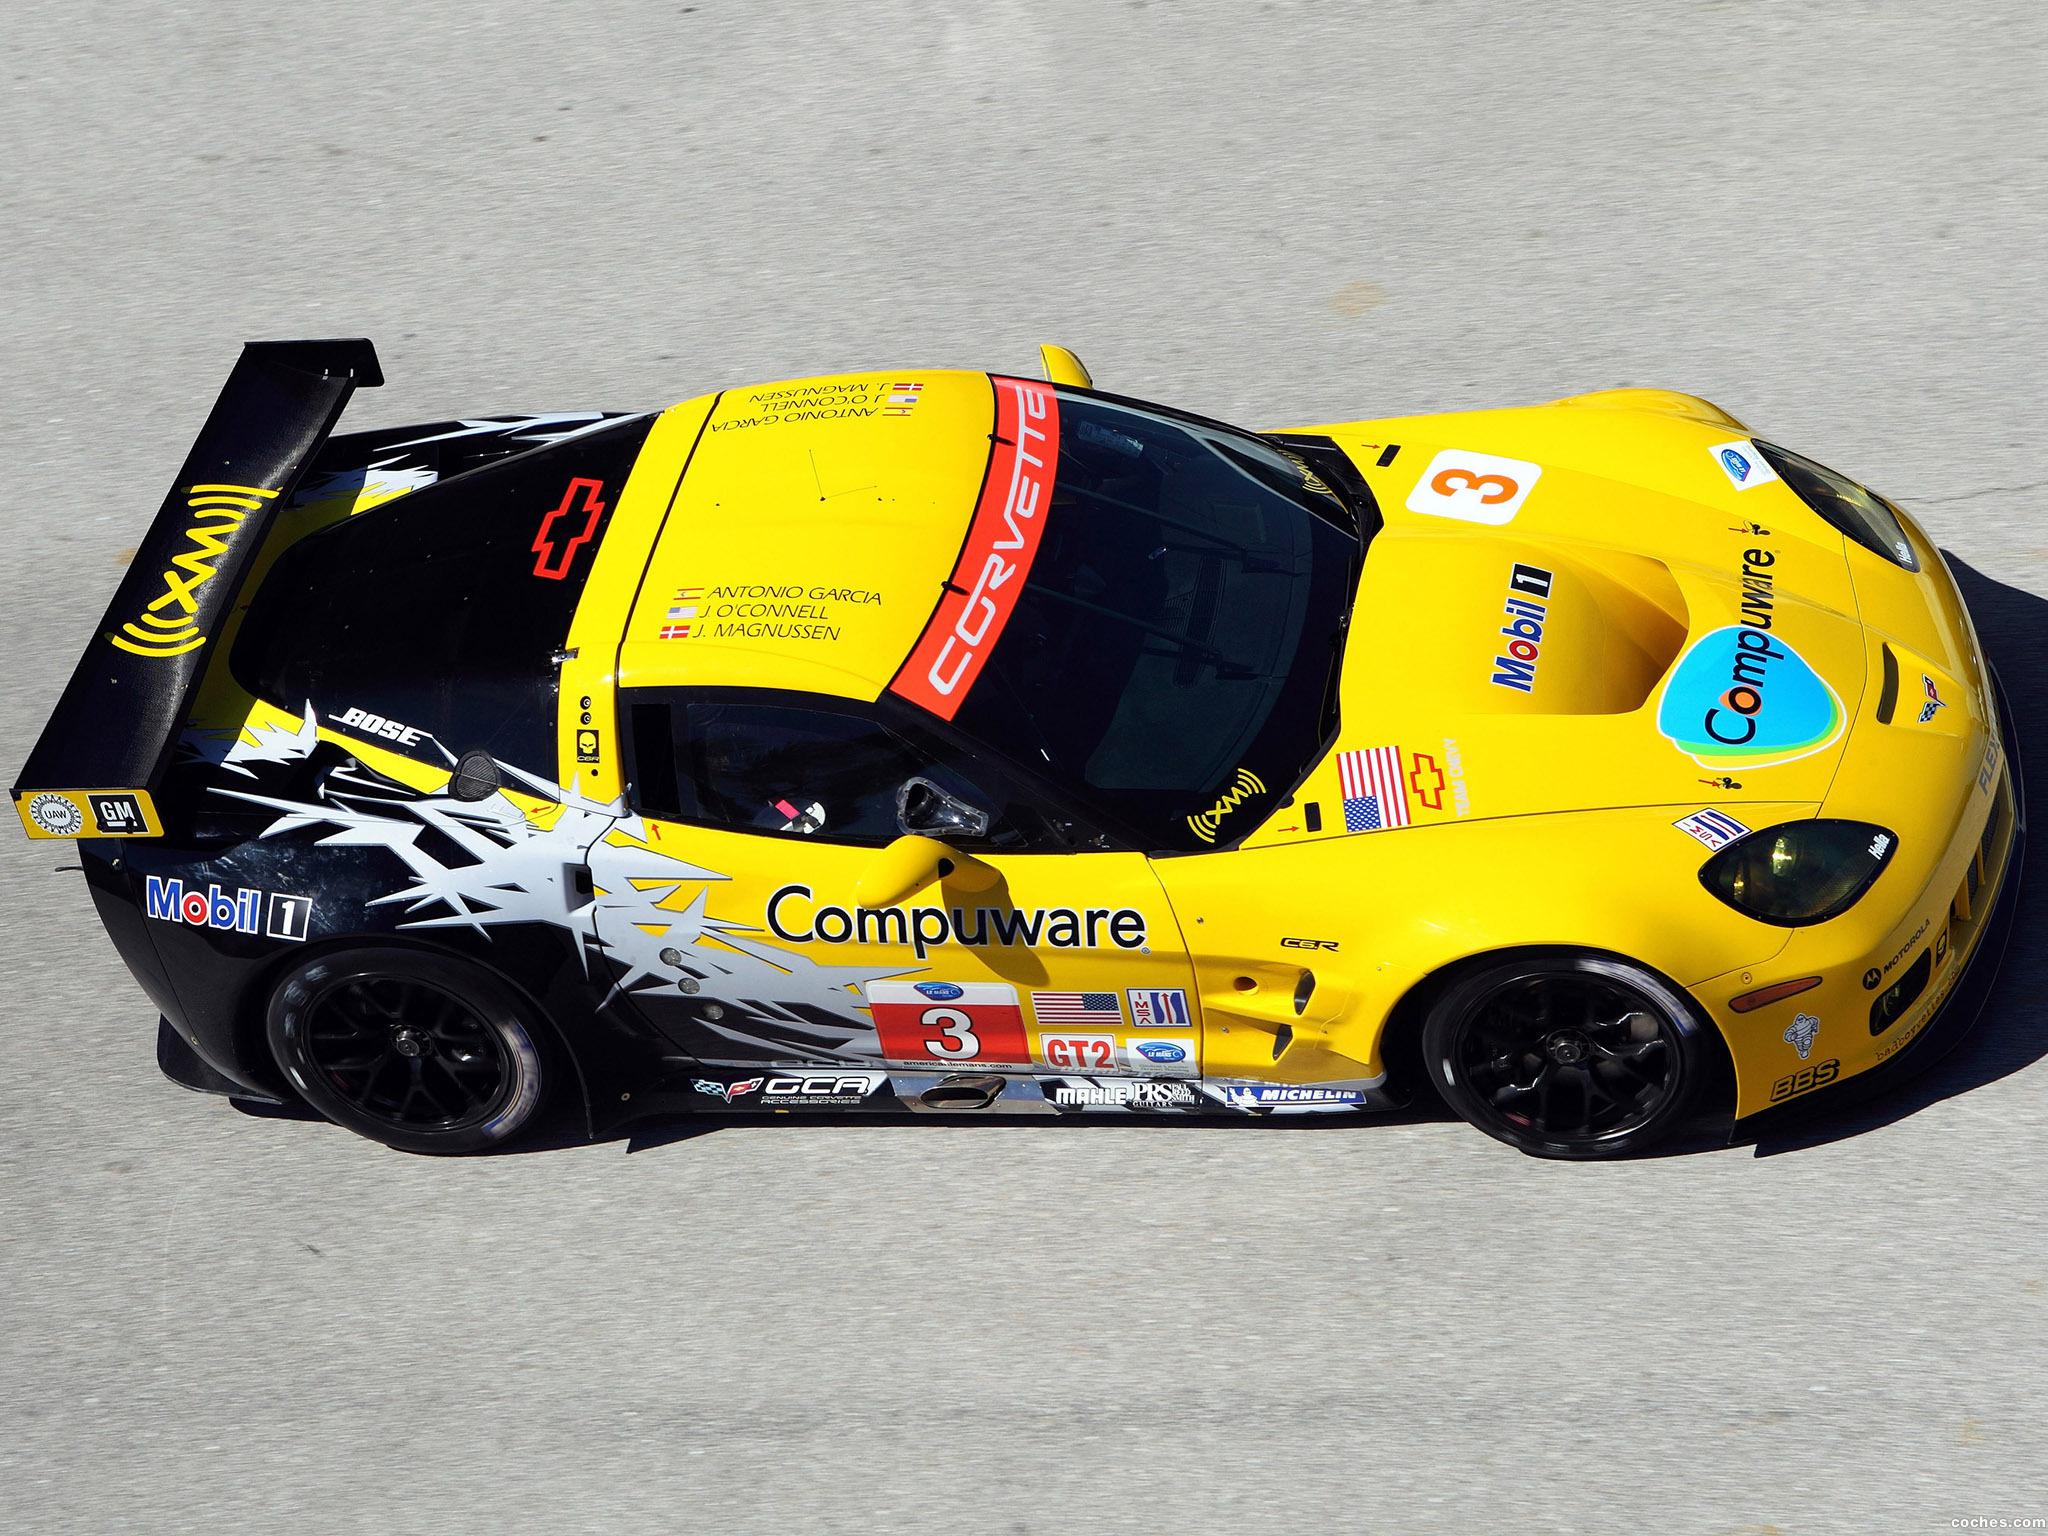 fotos corvette c6 - photo #23